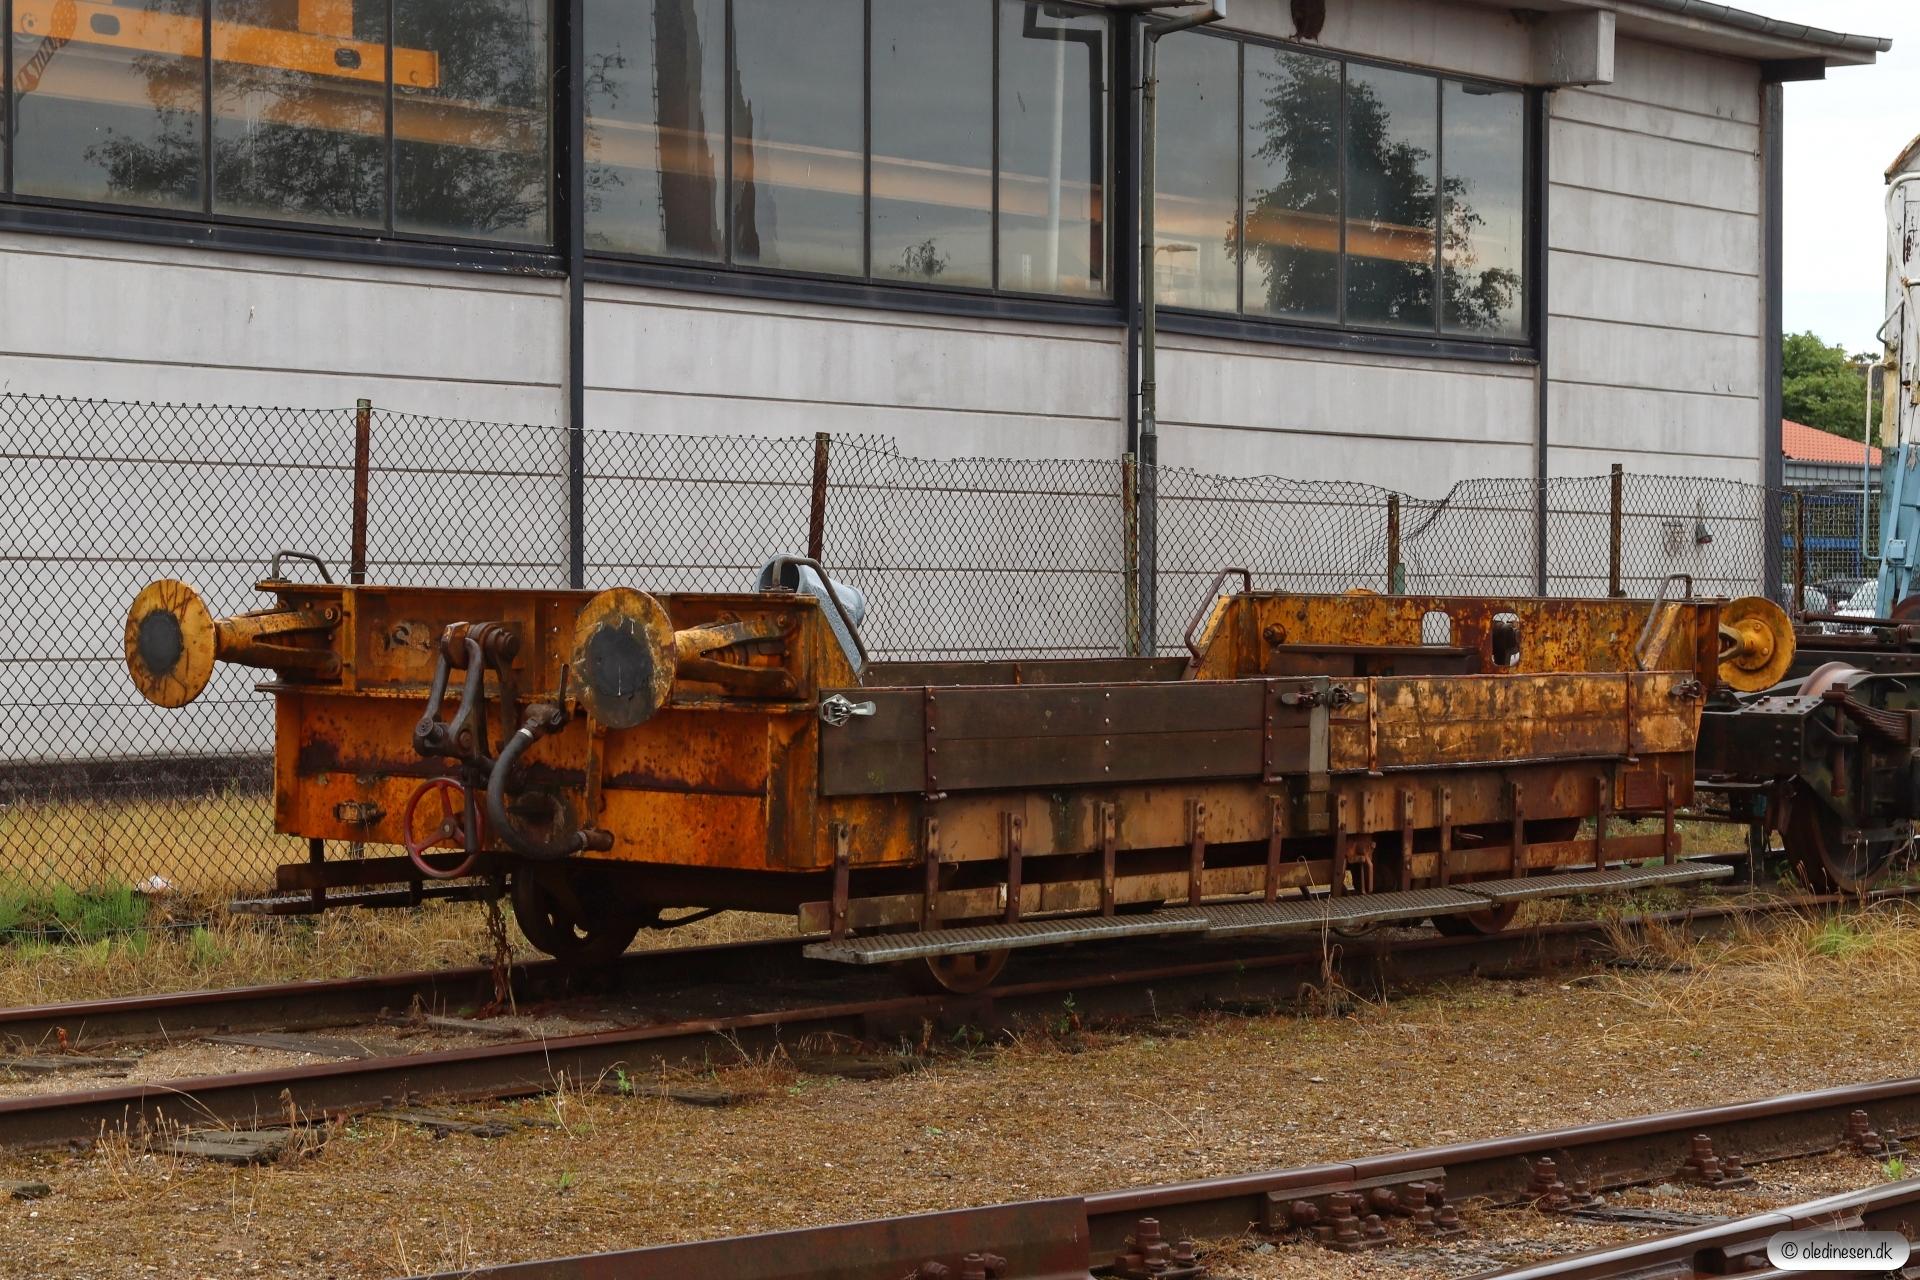 DSB Troljevogn 113a. Fåborg 26.07.2020.